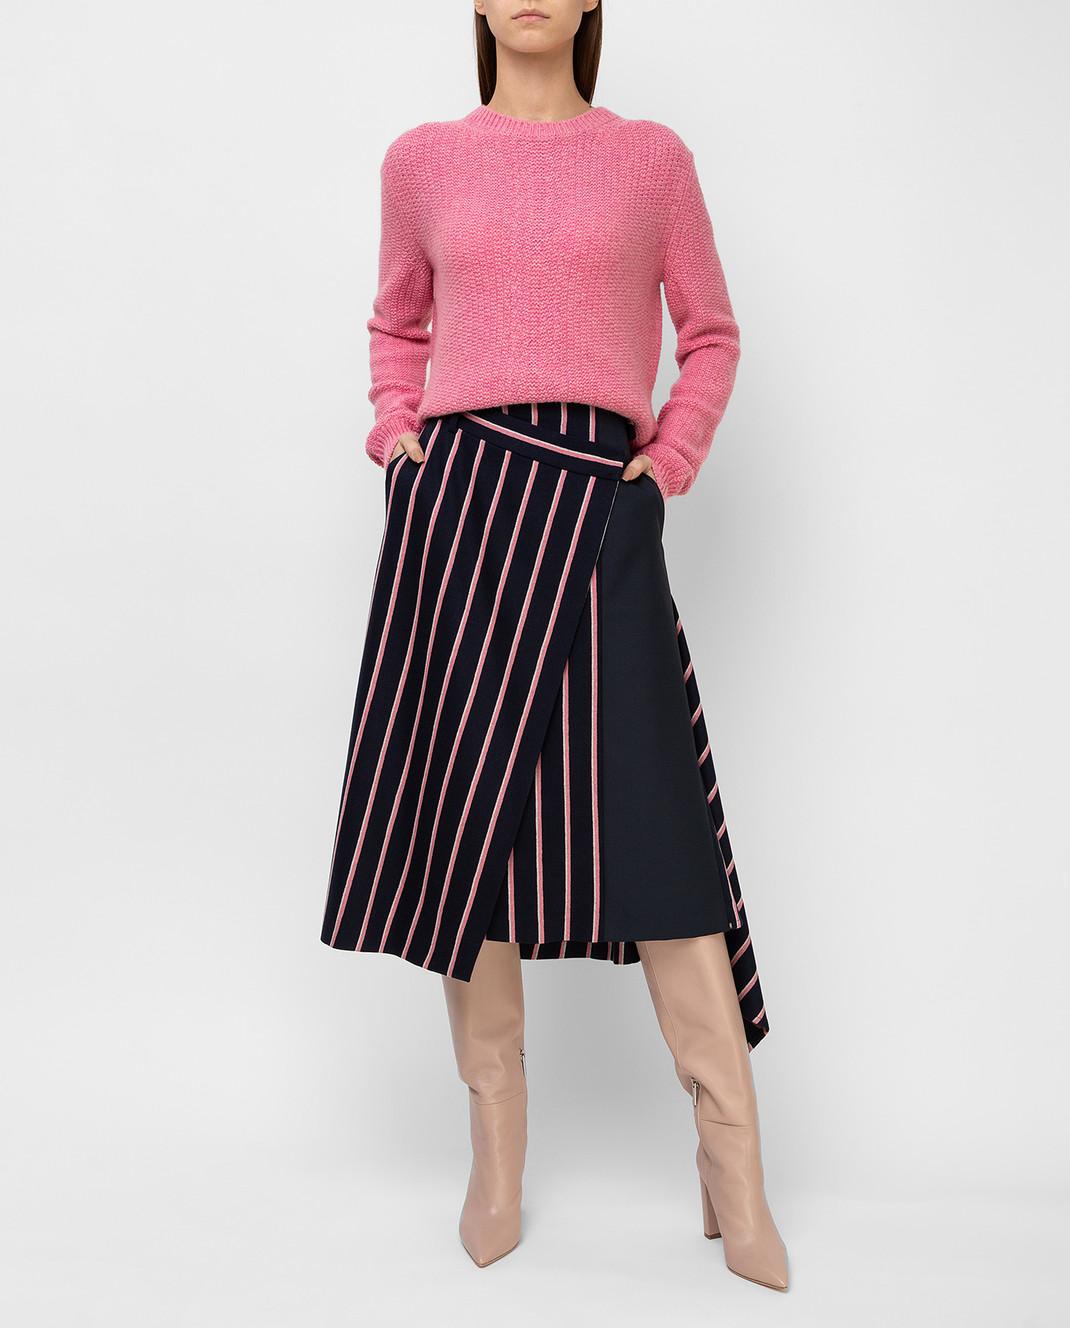 Max Mara Темно-синяя юбка из шерсти PINNE изображение 2